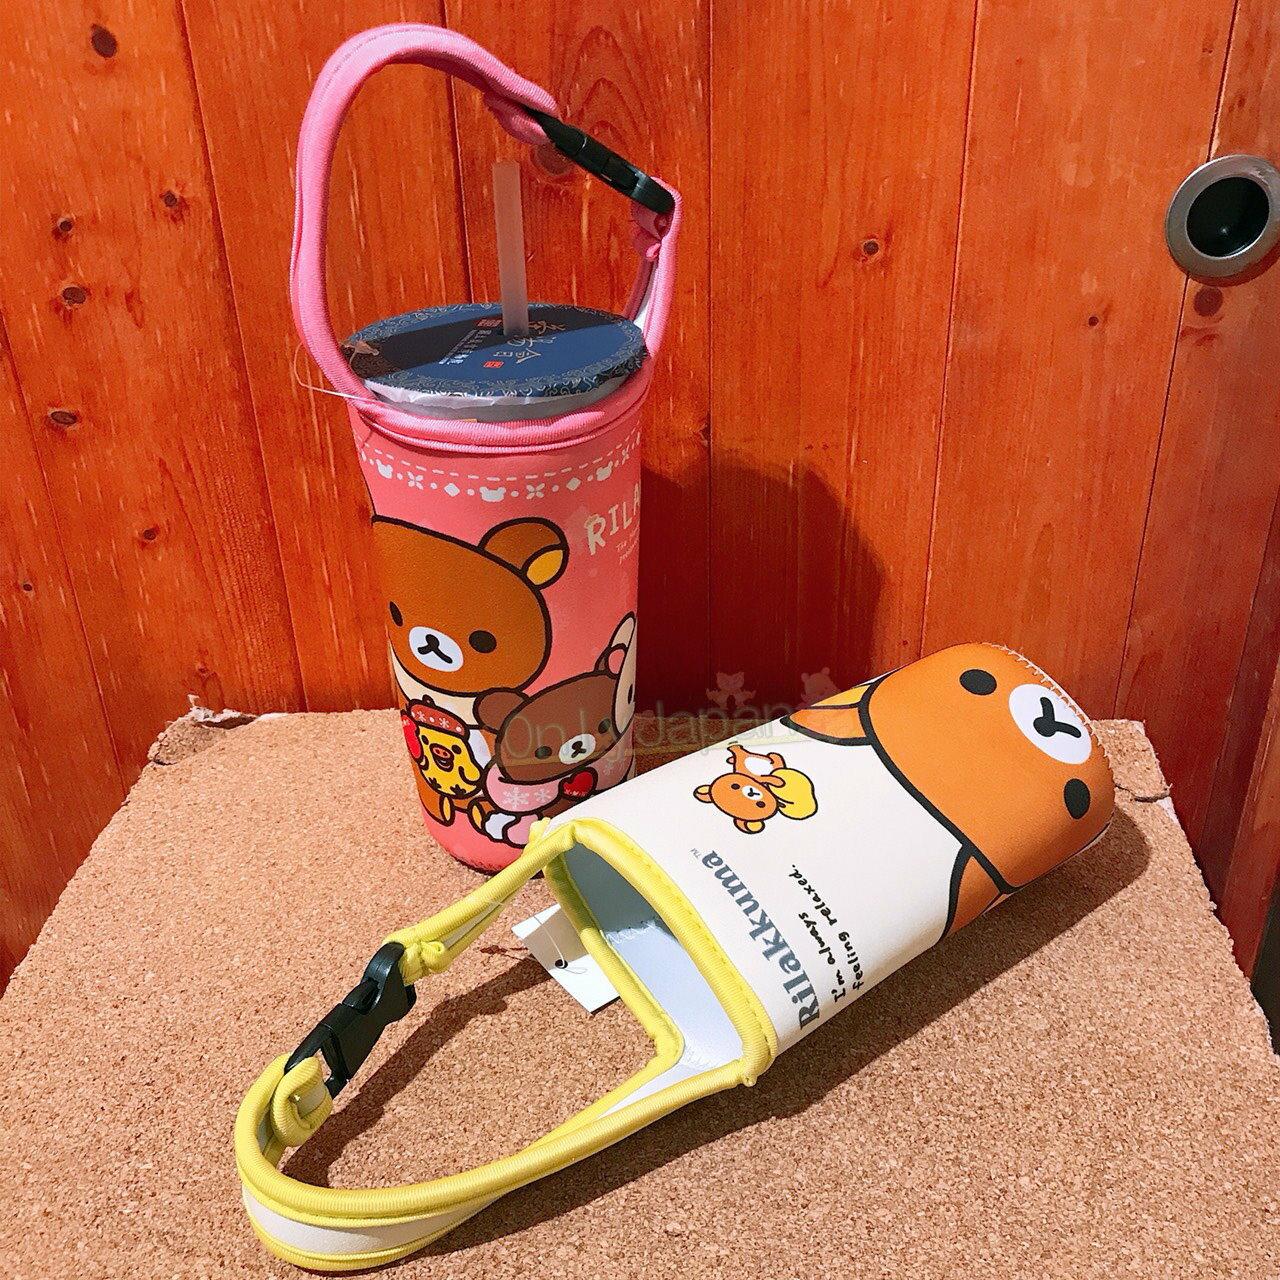 【真愛 】潛水布水壺背袋 懶熊 拉拉熊 奶熊 奶妹 水壺背袋 飲料袋 奶瓶袋 水壺袋